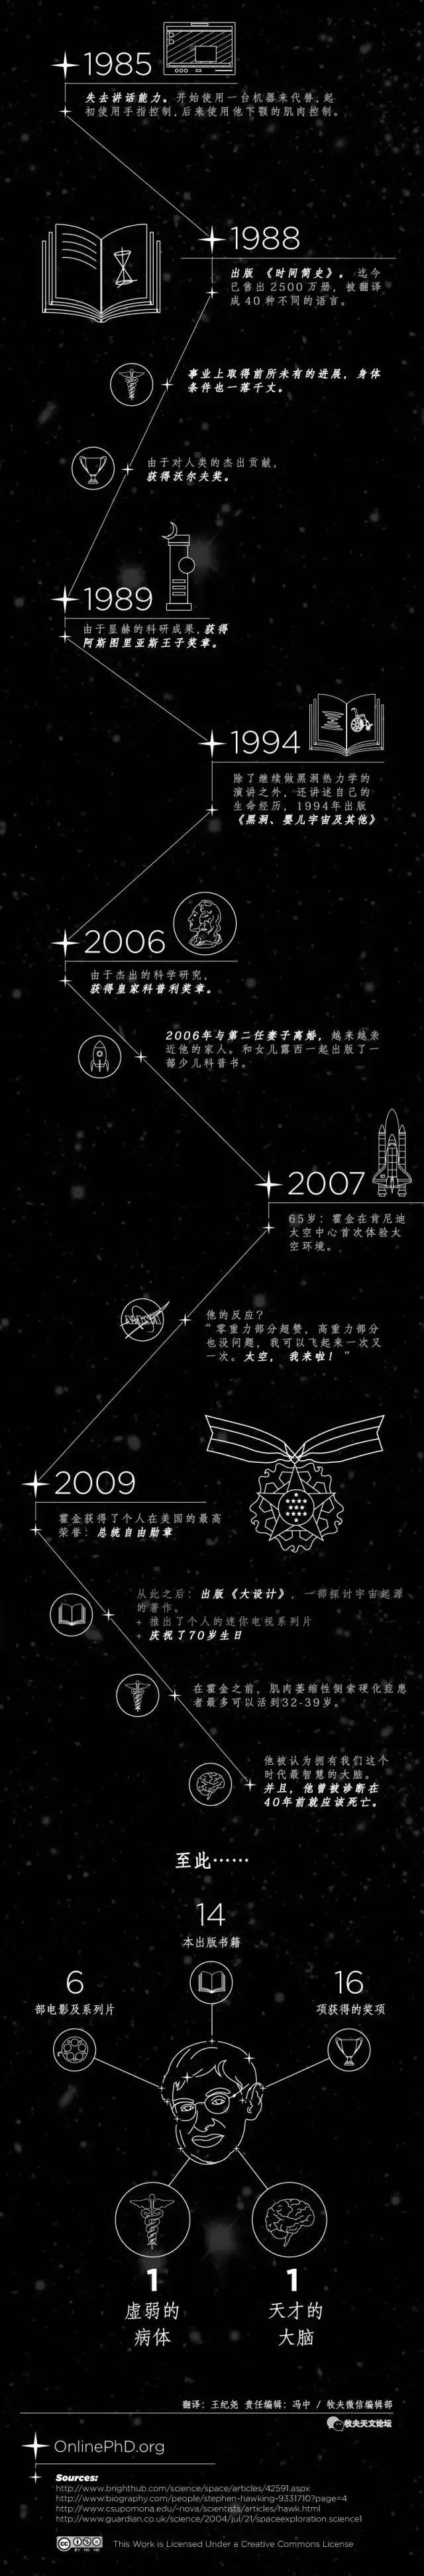 巨星陨落,霍金一路走好,他生前有哪些伟大理论?